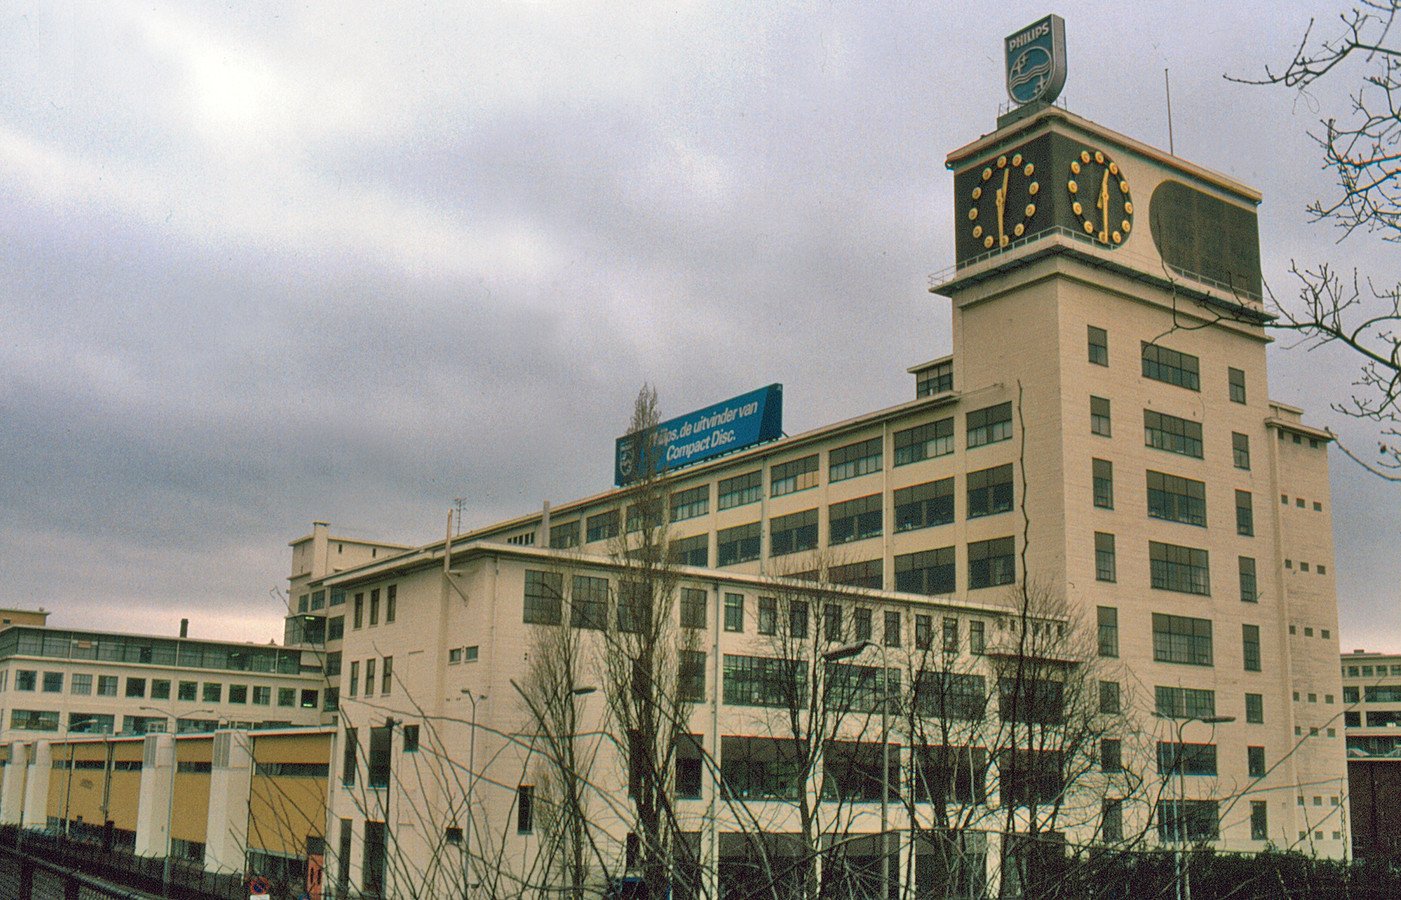 Het Klokgebouw op Strijp-S in Eindhoven op een oude foto.